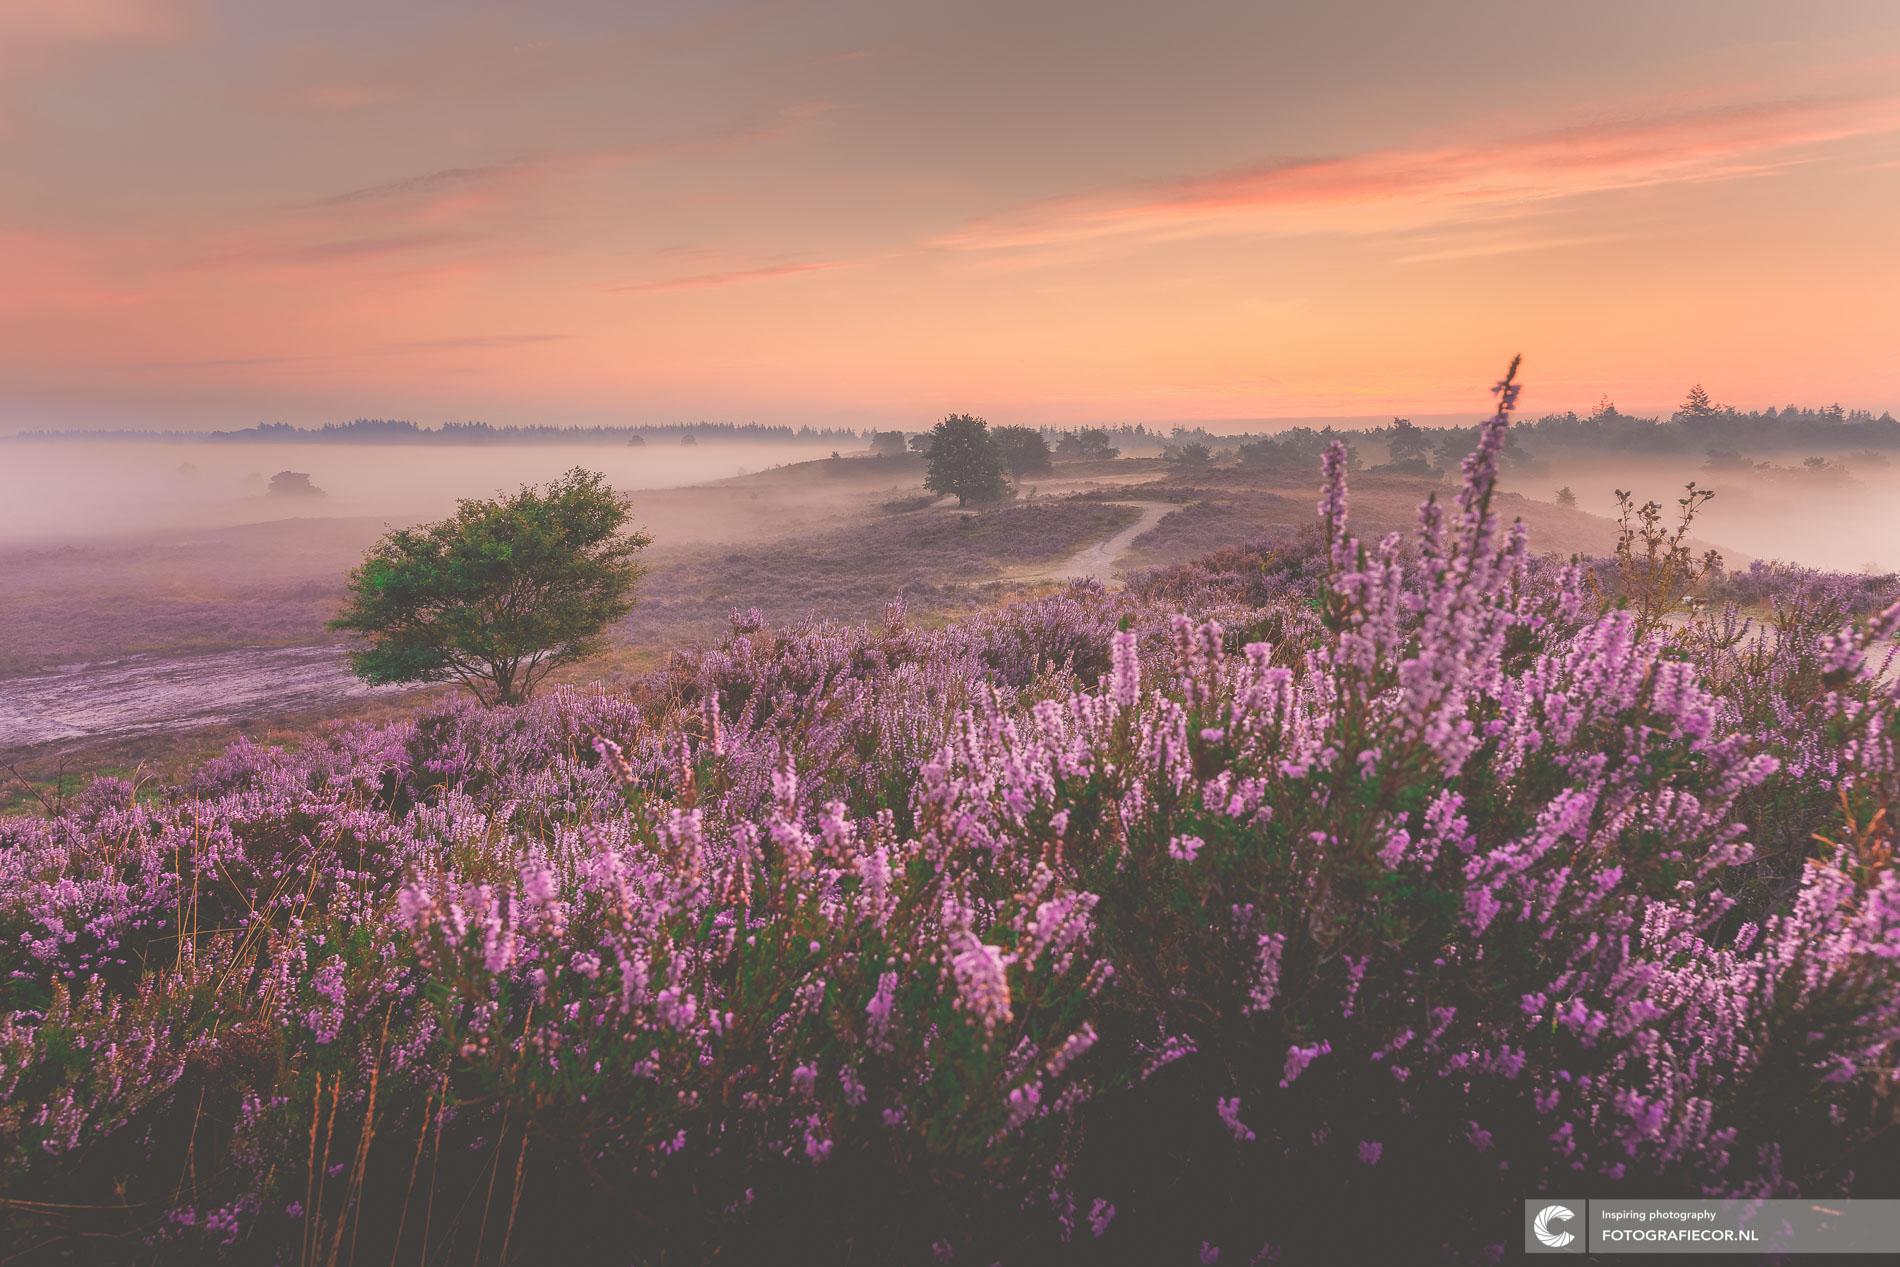 zonsopkomst heidelandschap Schaapskooi de Dellen, Heerde | Landschapsfotograaf